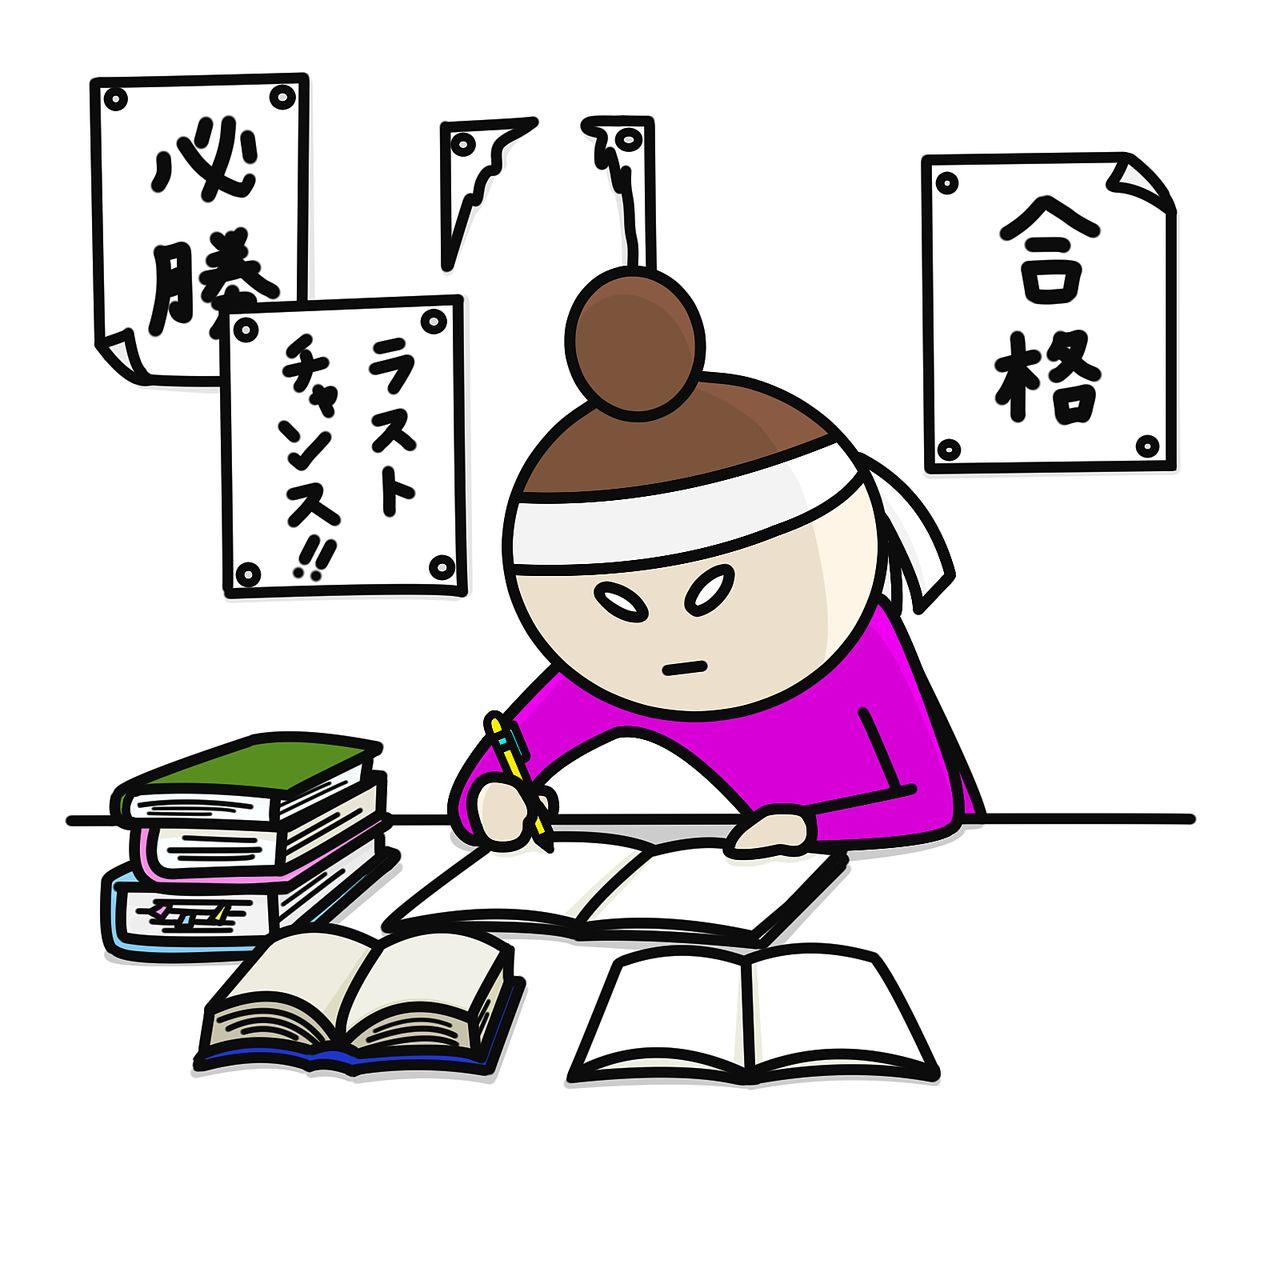 賃貸不動産経営管理士試験を受験した皆さん、お疲れさまでした!